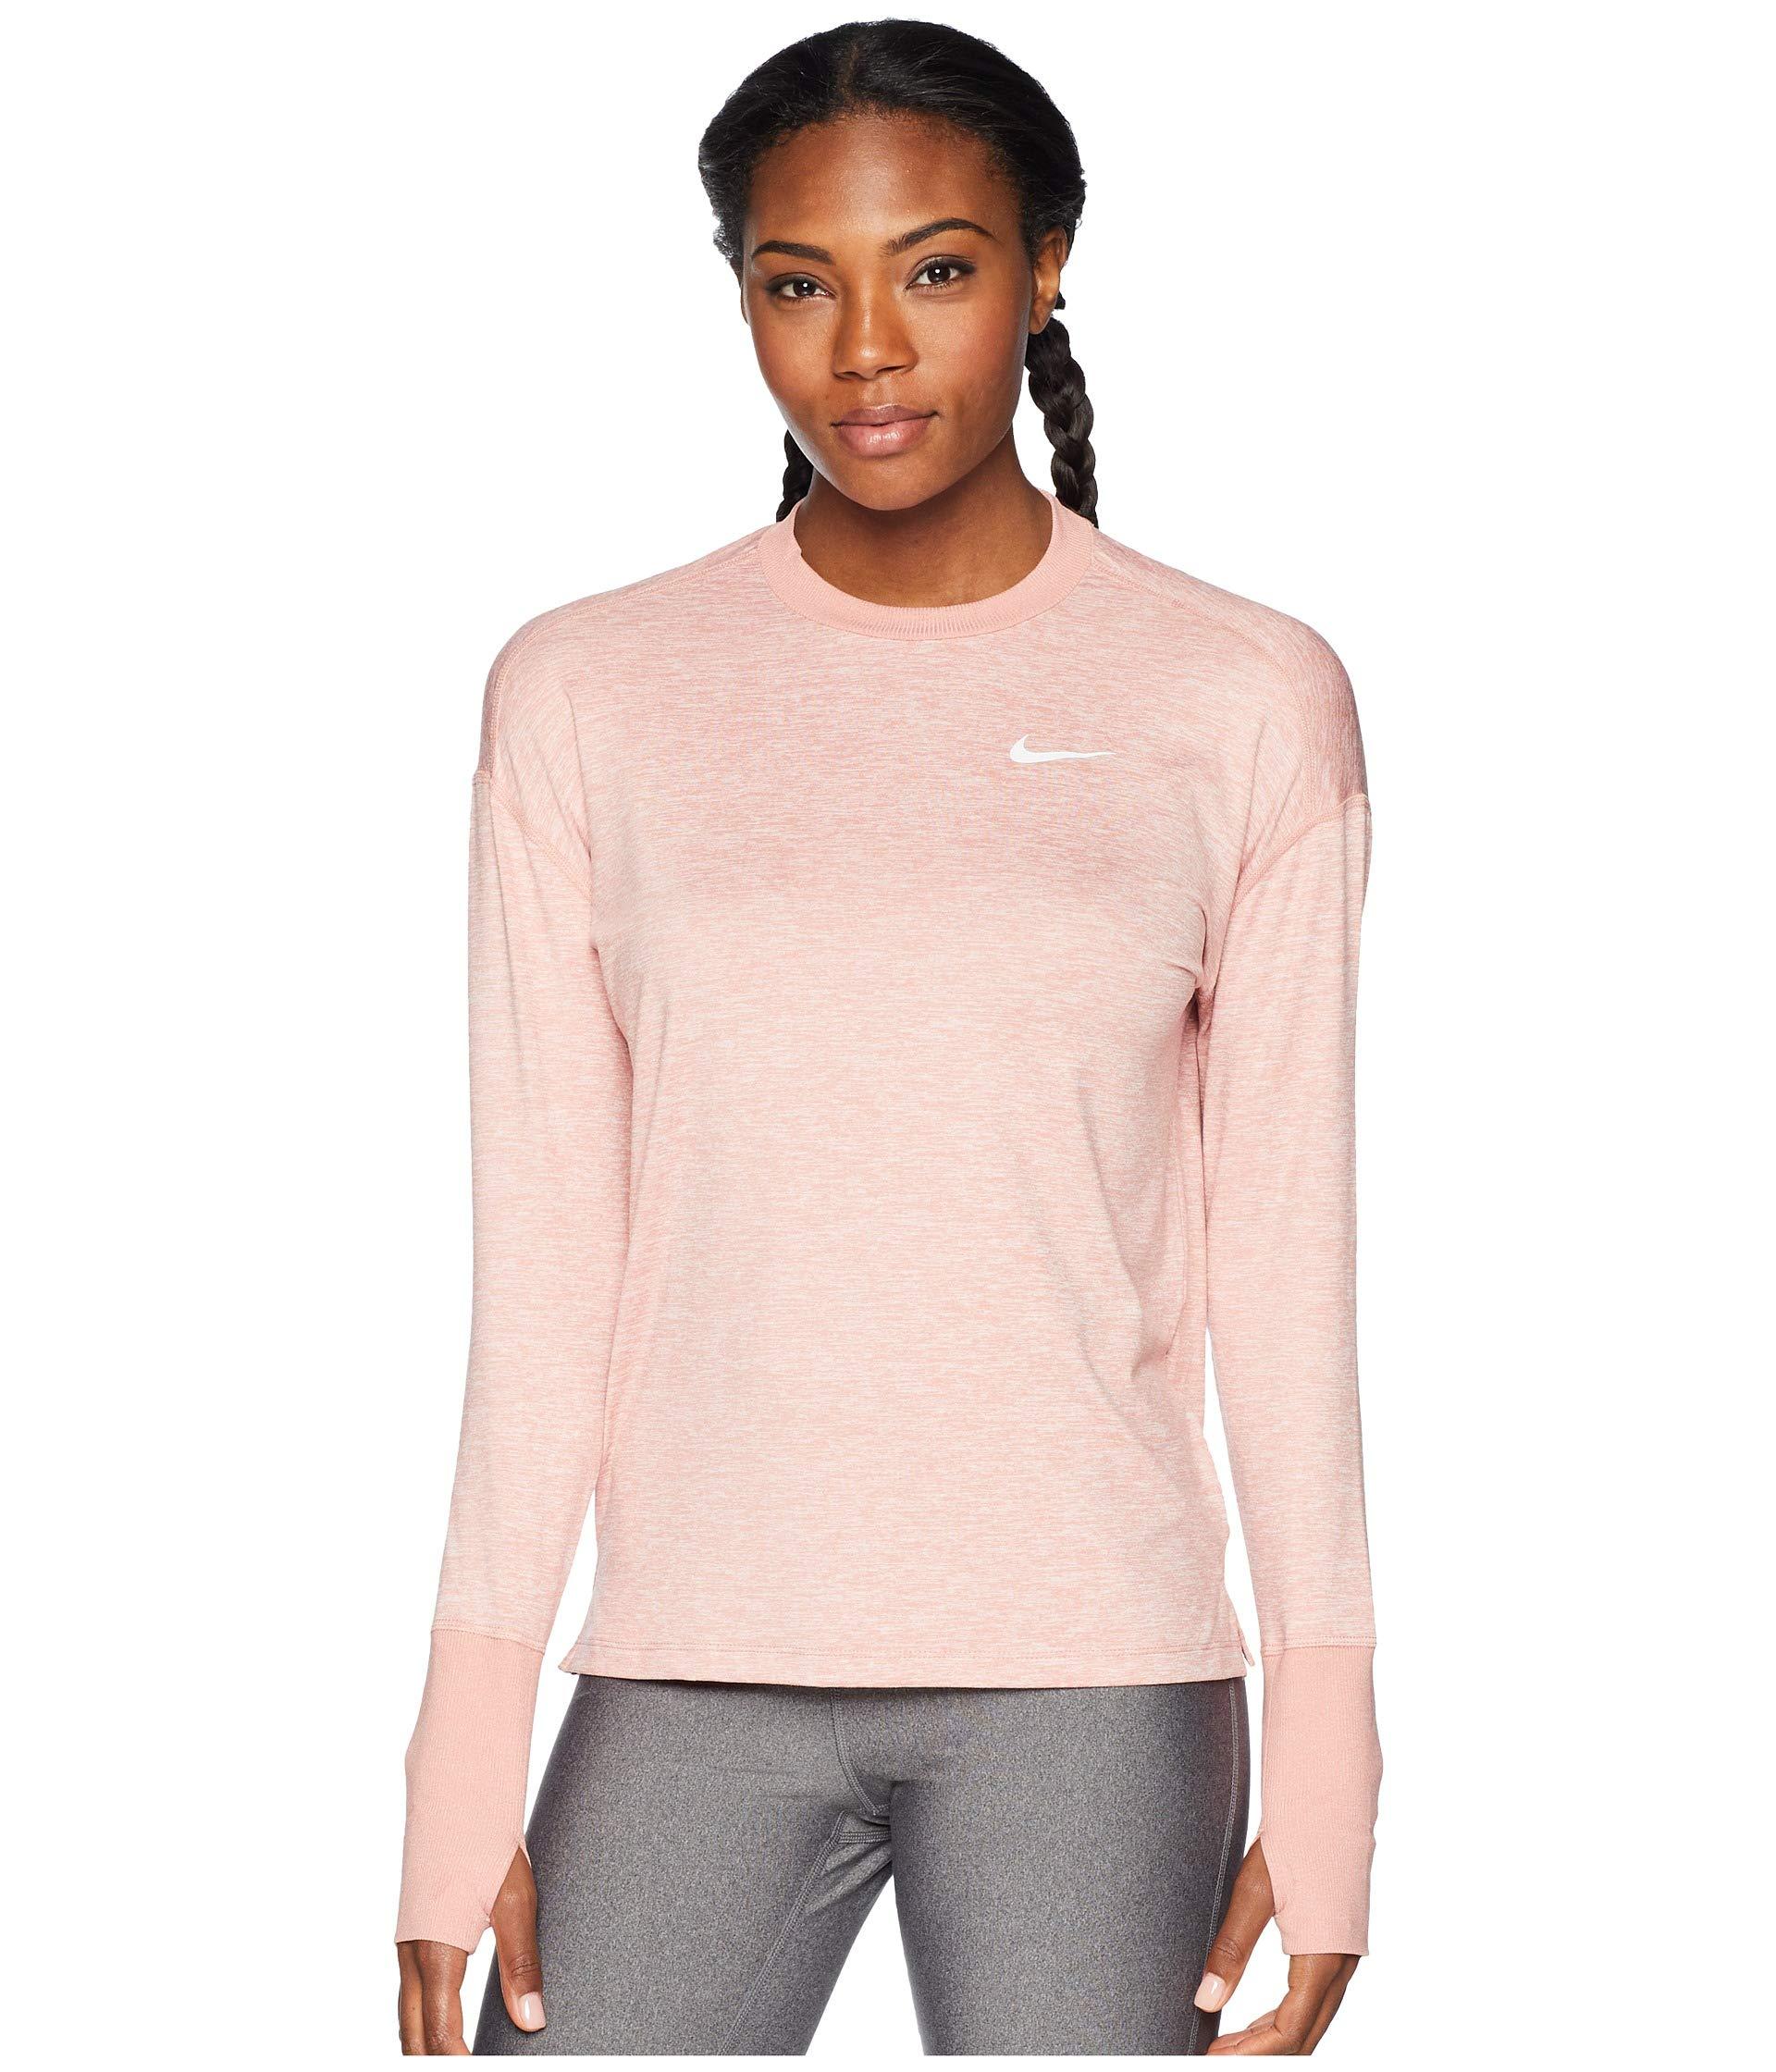 NIKE Women's Element Long Sleeve Running Shirt (Rust Pink, X-Small)